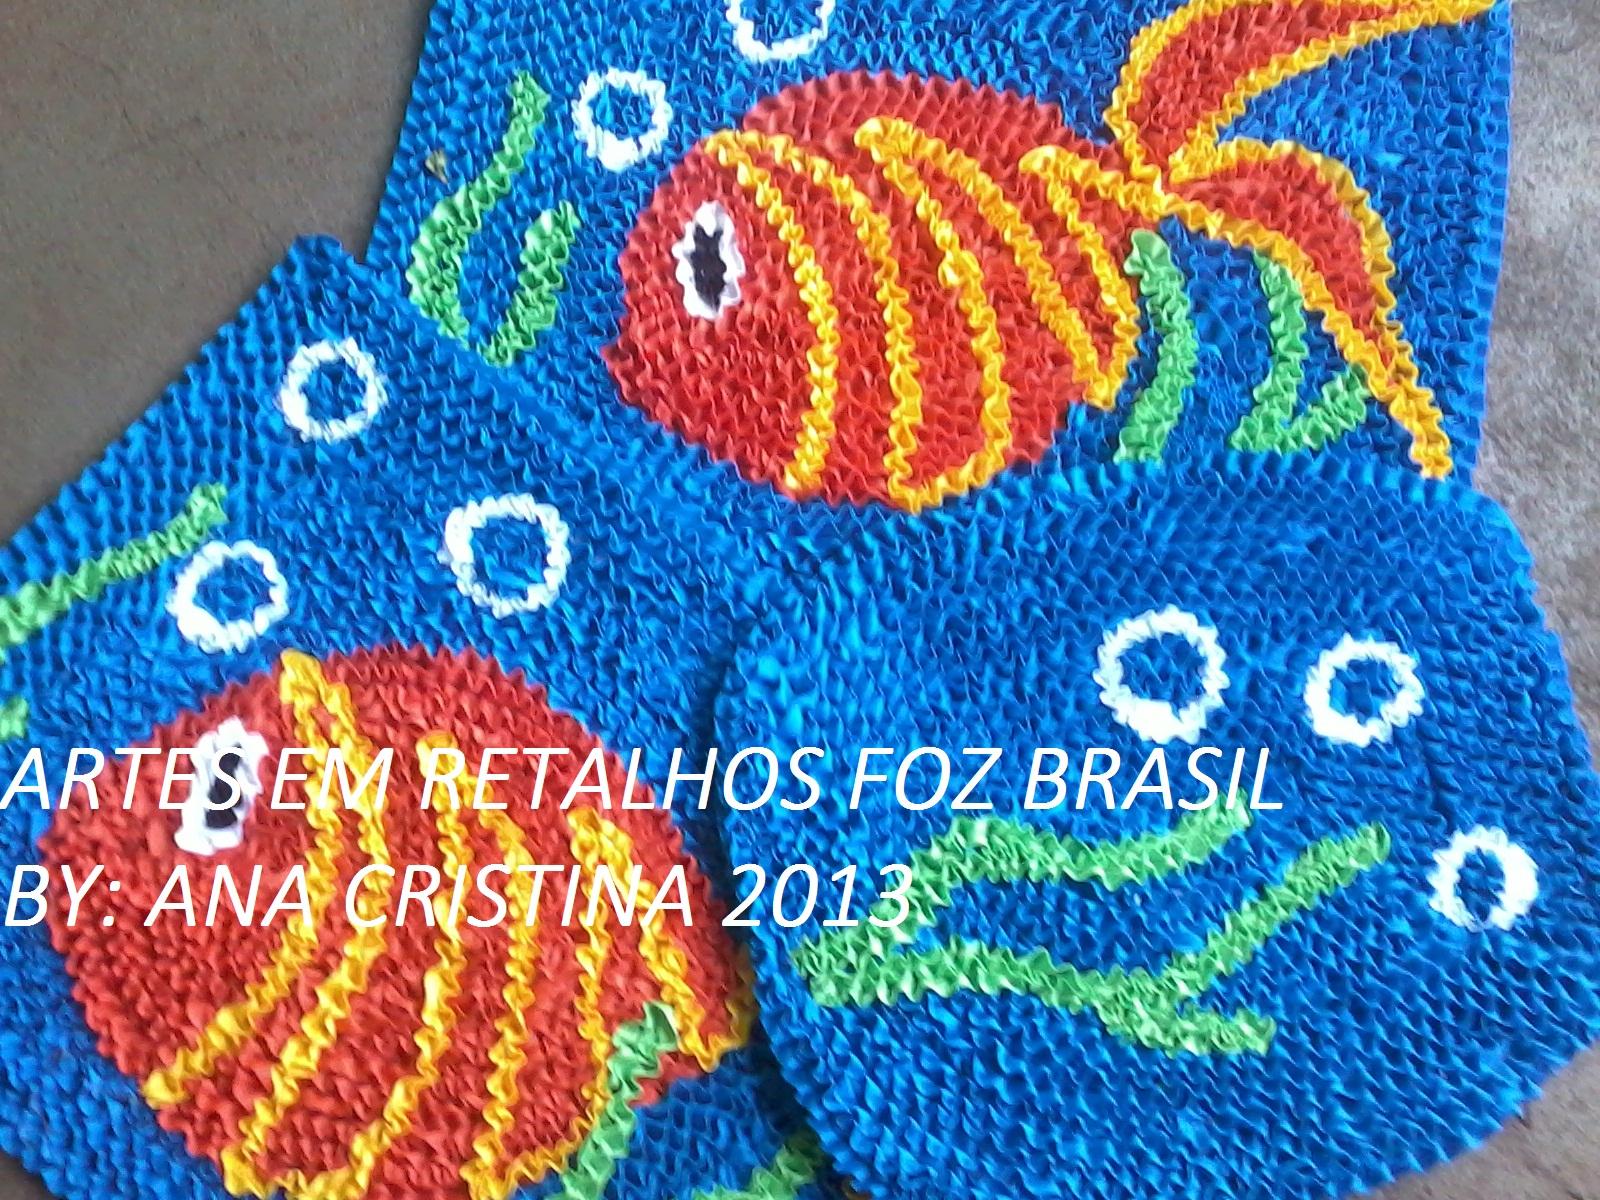 Arte Em Tapete De Retalho : ARTES EM RETALHOS FOZ BRASIL: Tapetes de frufru Artes em Retalhos Foz